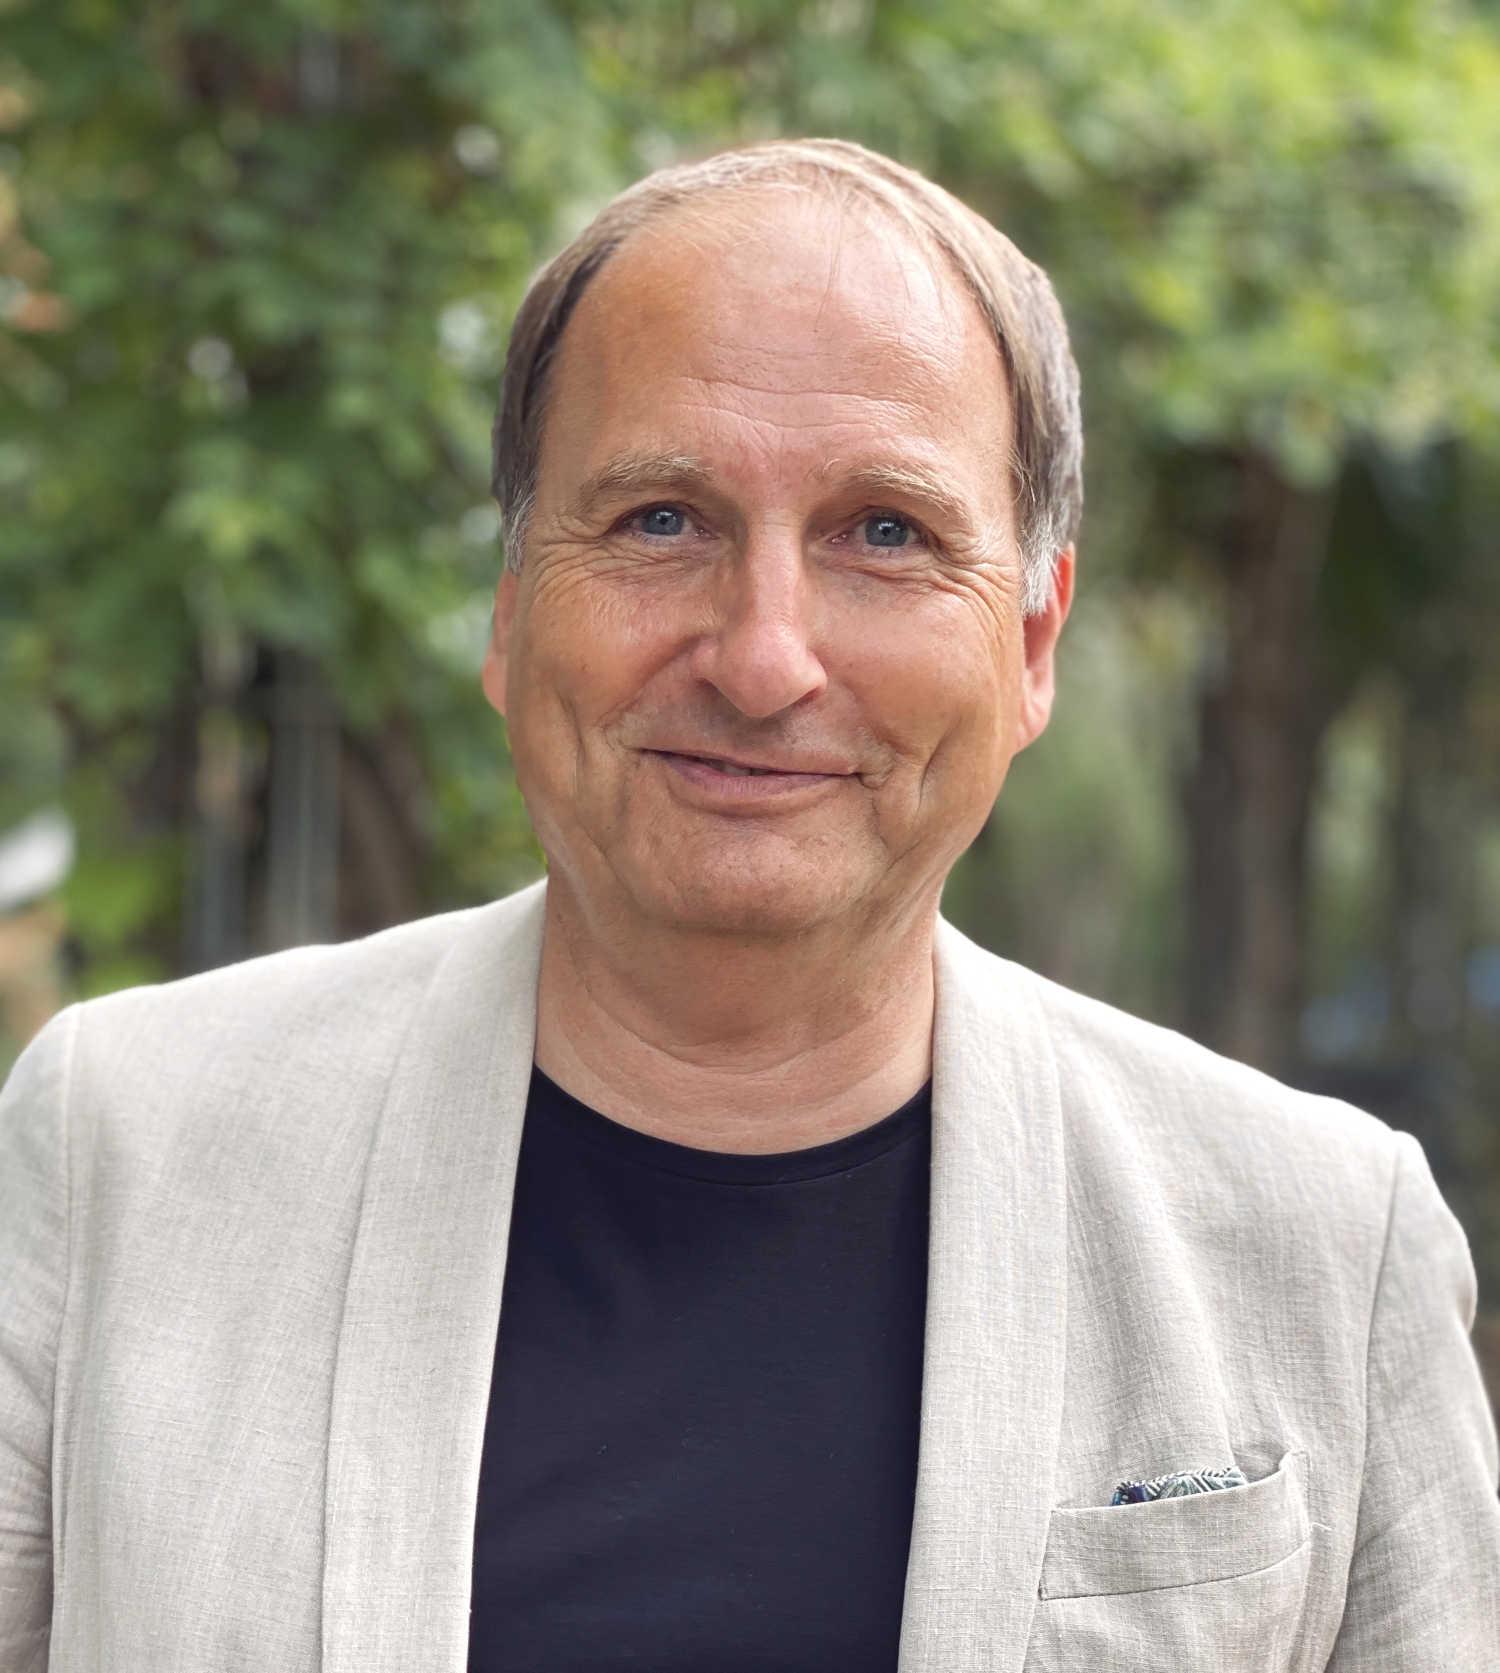 Der unabhängige Versicherungsberater Gerd Güssler steht vor einem grünen Hintergrund und ist für alle Fragen zur privaten Krankenversicherung bereit.